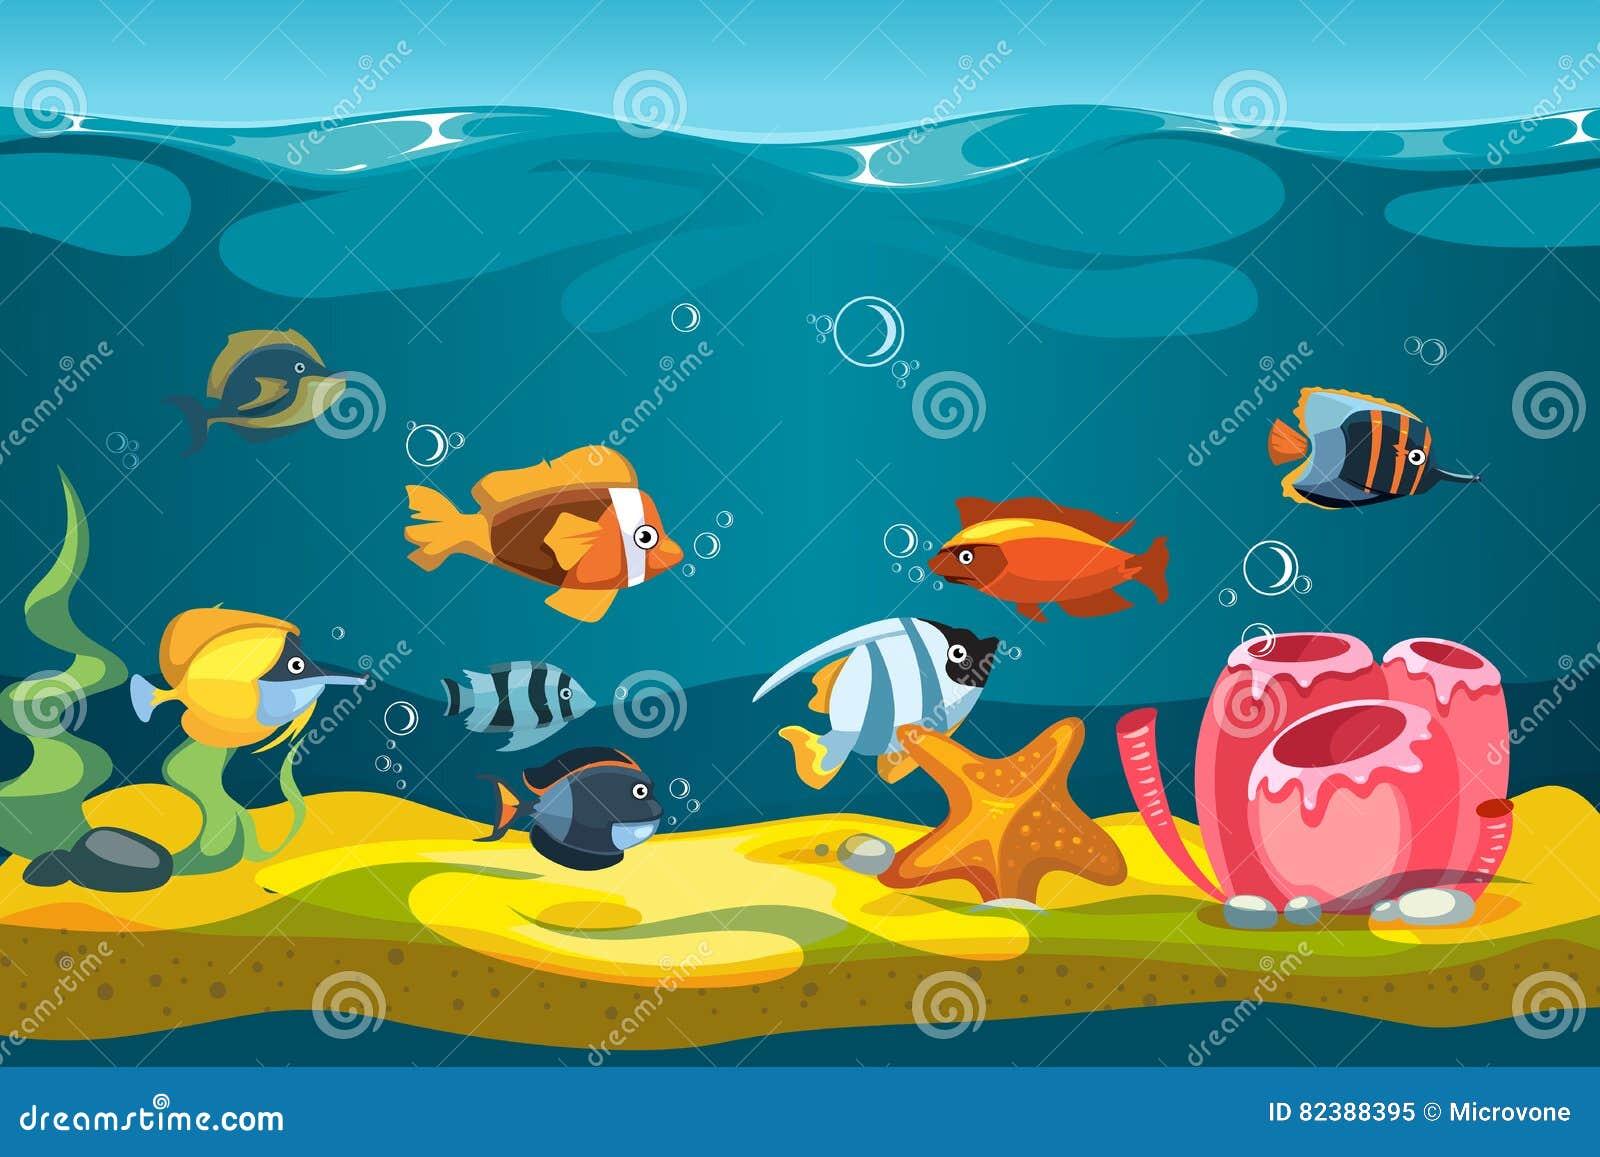 Il Mare Subacqueo Con I Pesci E Le Rocce Vector Il Fondo Per Il